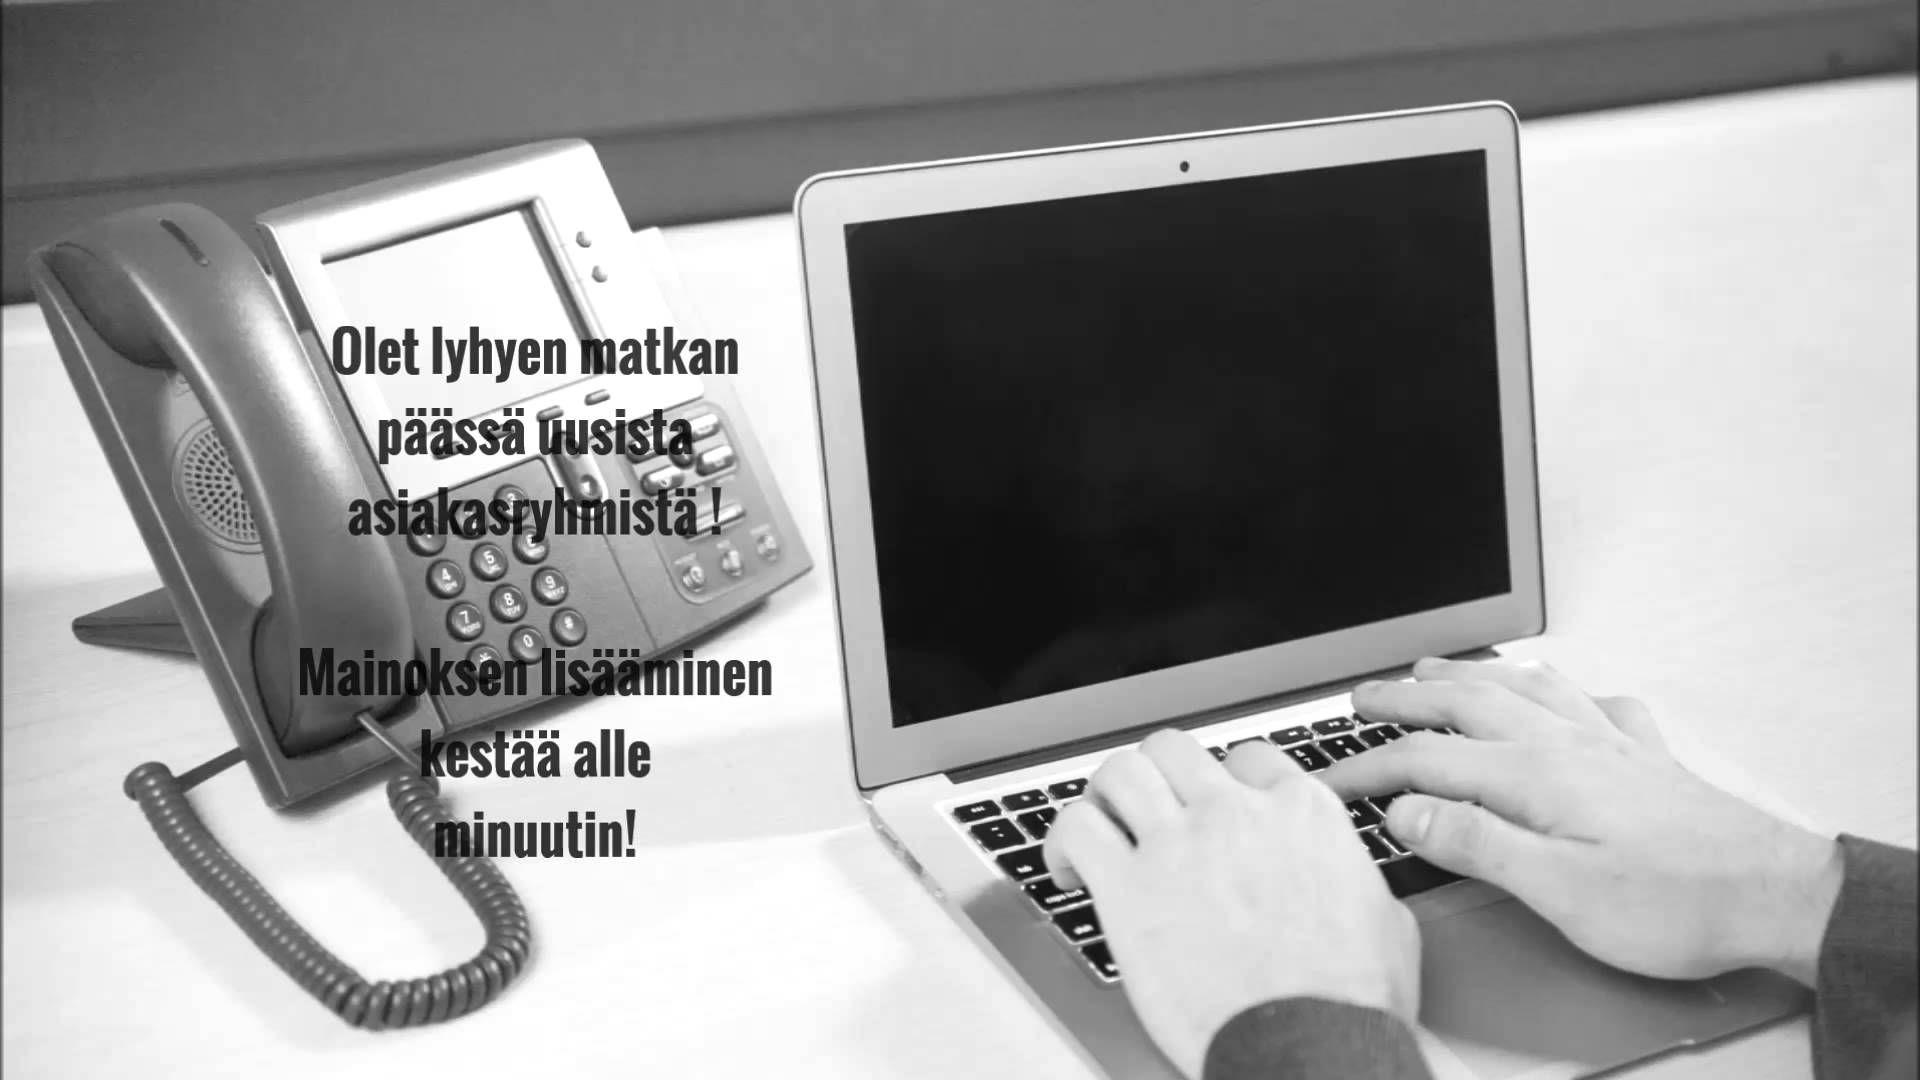 Easysave.fi - sähköinen mainosratkaisu pilvestä! TUTUSTU! Myös ilmaistaso! Katso video heti!